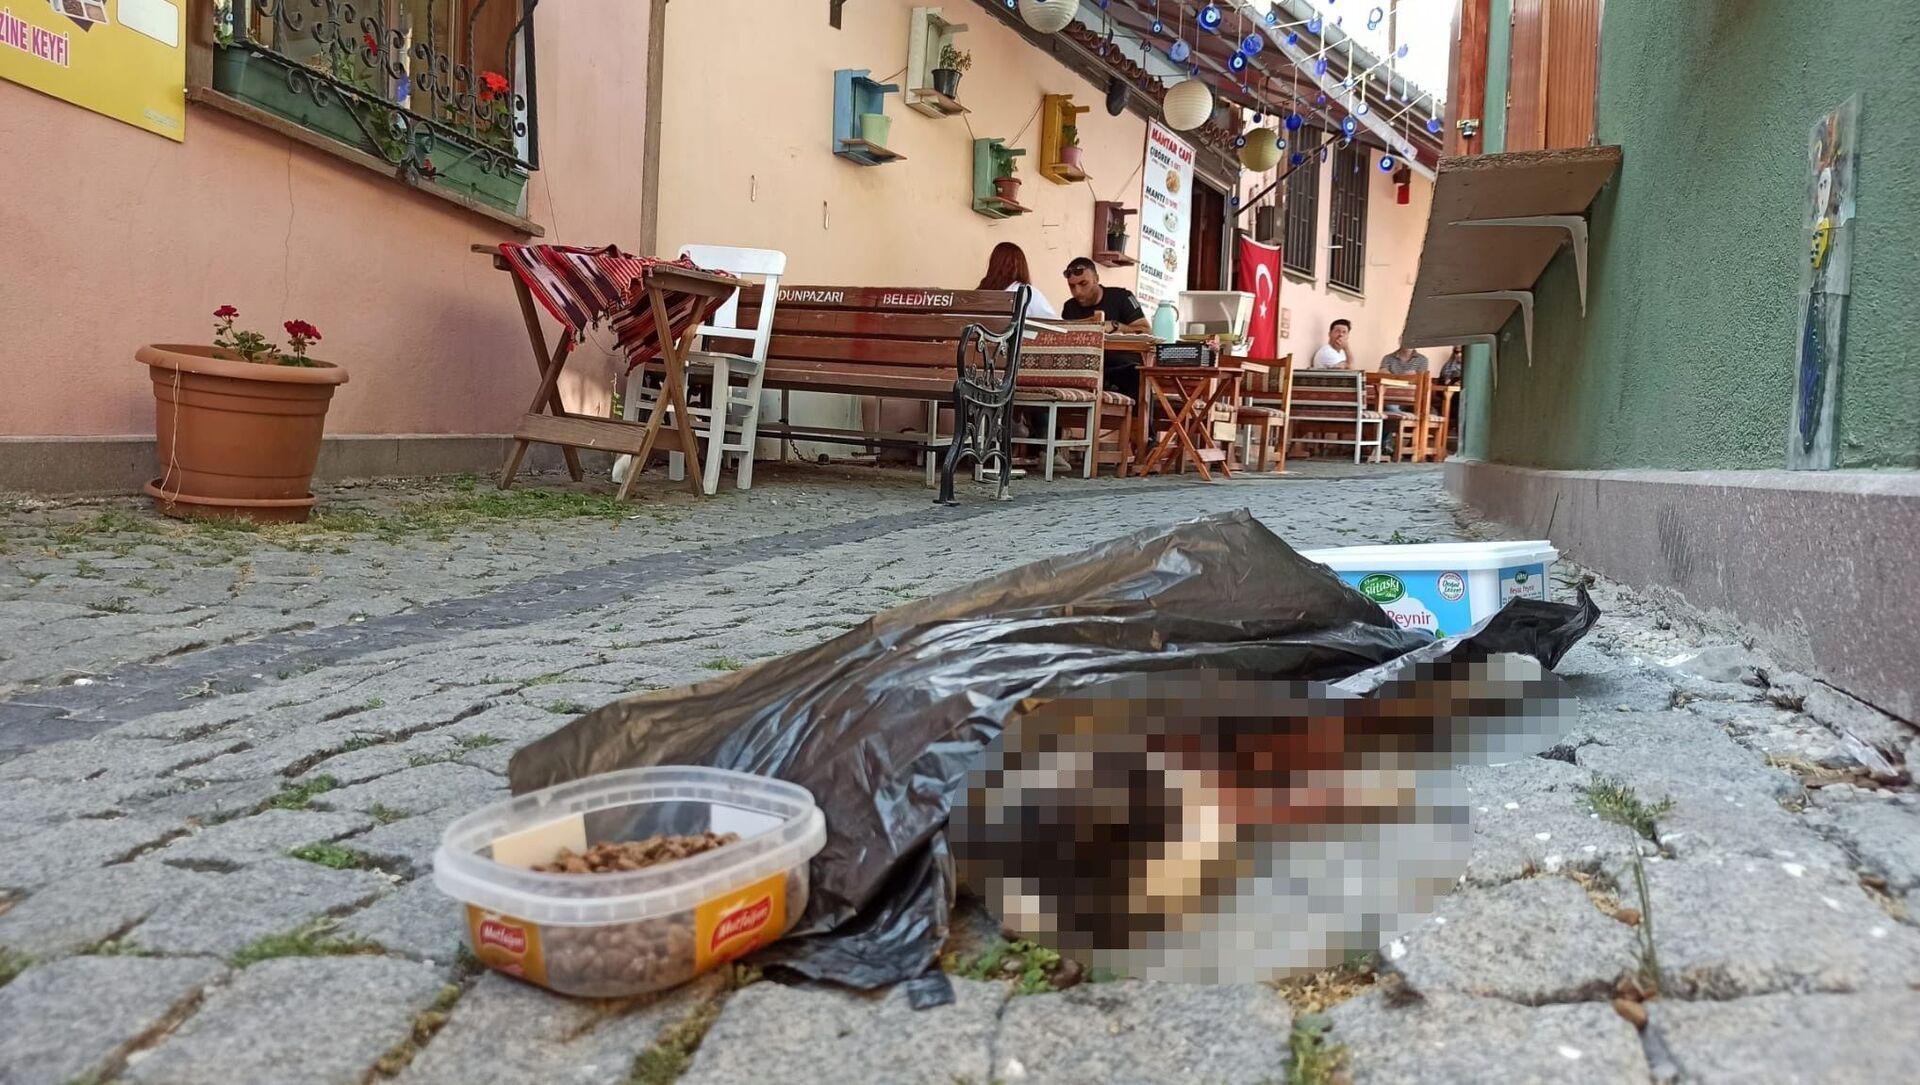 Eskişehir'in Tarihi Odunpazarı Evlerinin bulunduğu bölgede iddiaya göre bir sokak kedisi öldürülerek mama ve su kabının yanına atıldı. - Sputnik Türkiye, 1920, 25.07.2021